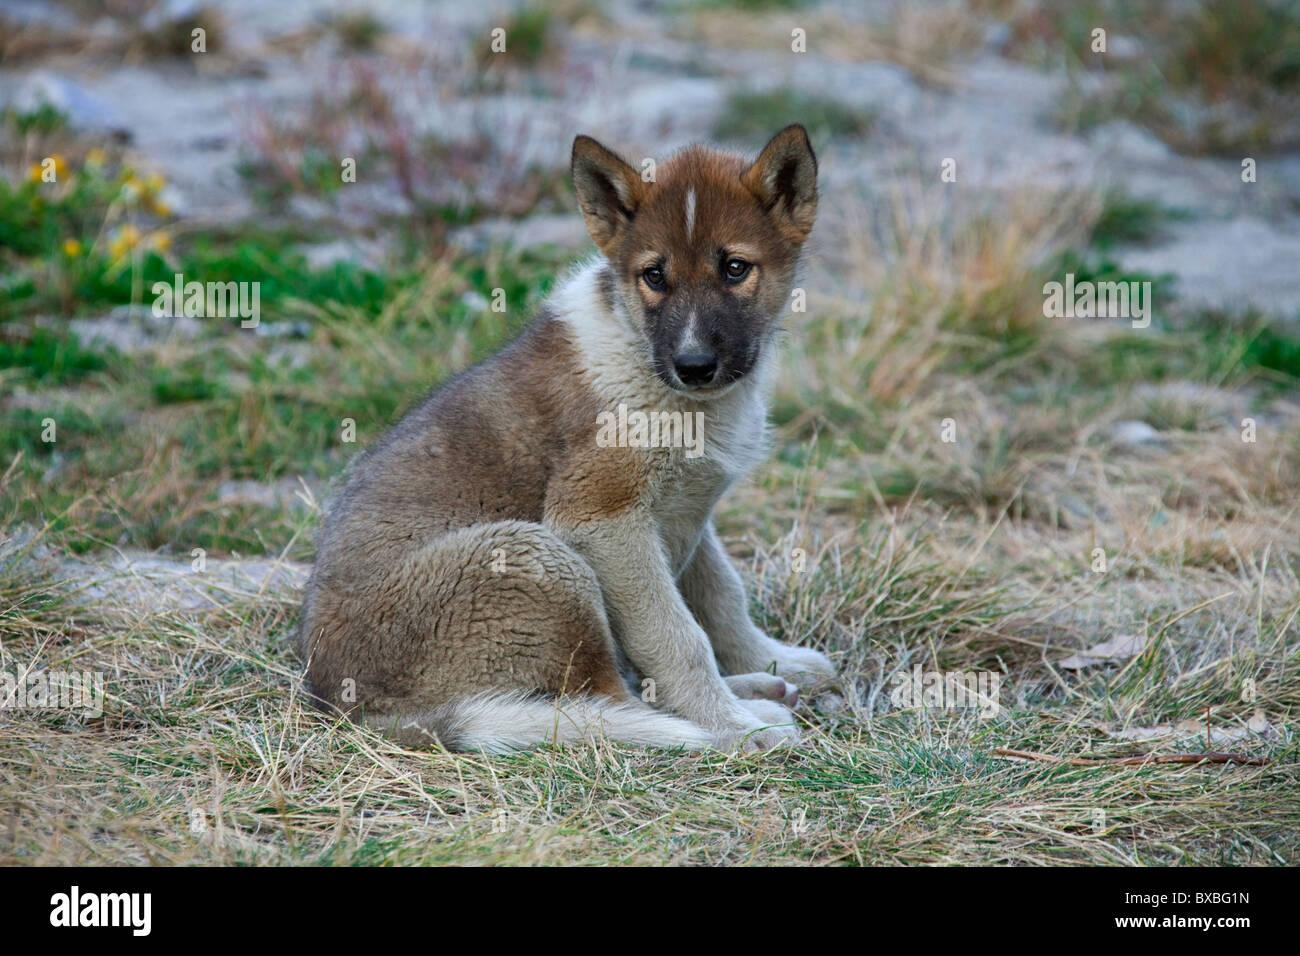 Groenlandia perro (Canis lupus familiaris), trineos de perros, PUP, West-Greenland Ilulissat, Groenlandia Foto de stock